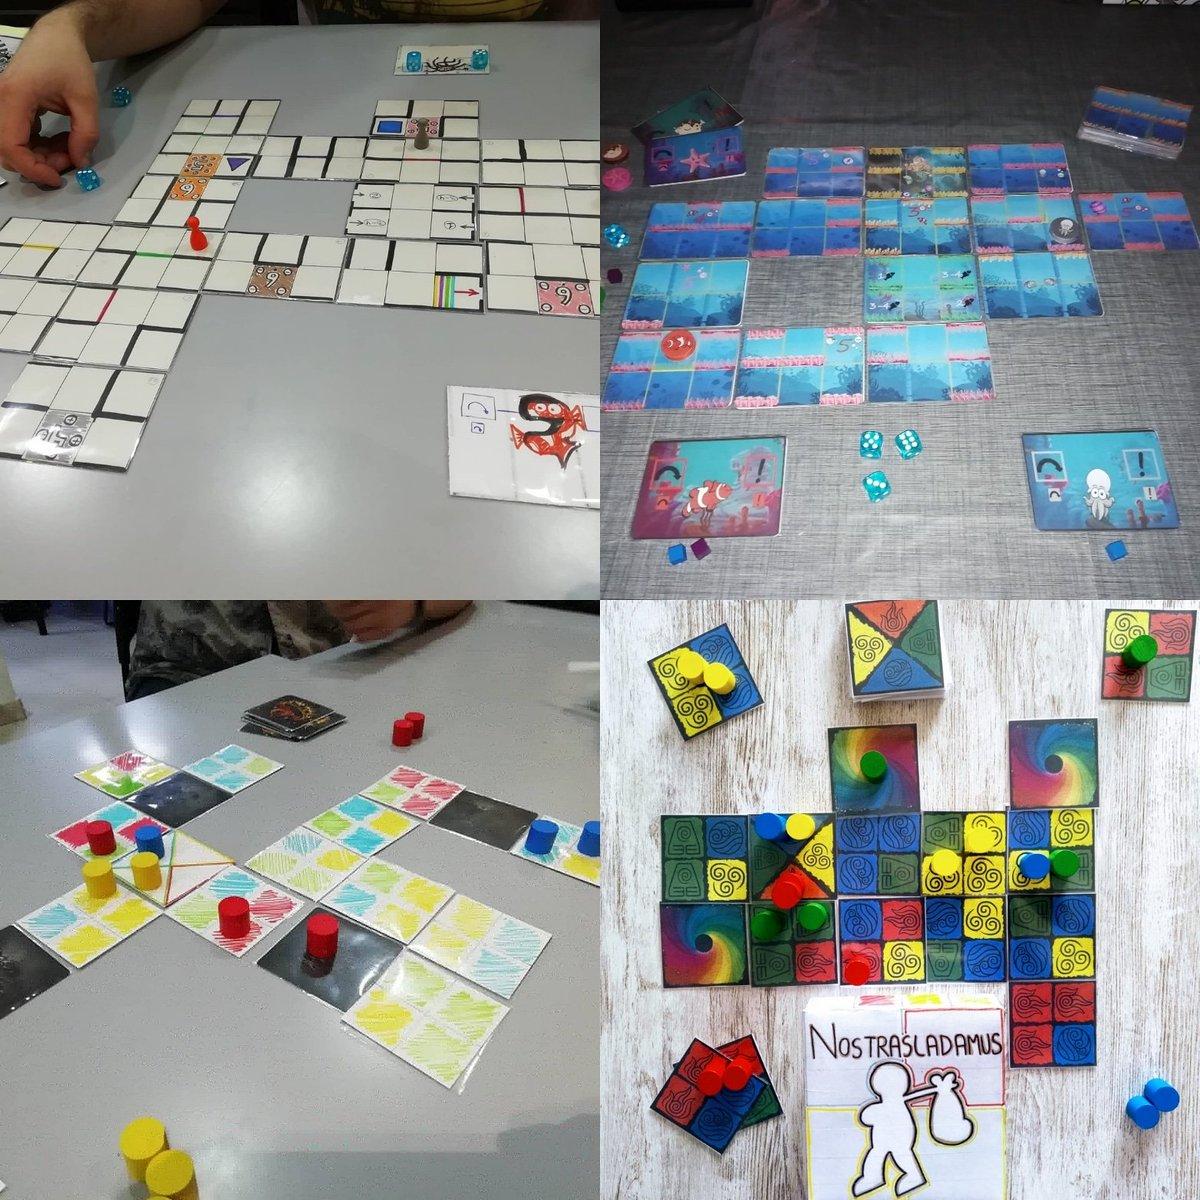 Así evolucionan los #prototipos Hoy estaremos en @GenXAlcala Alcalá desde las 17h #bajoelmar de TurdocJuegos y #nostrasladamus de Geengames Fer Olid Serán puestos a prueba #juegosdemesa #prototipos #miercolesdeprotos